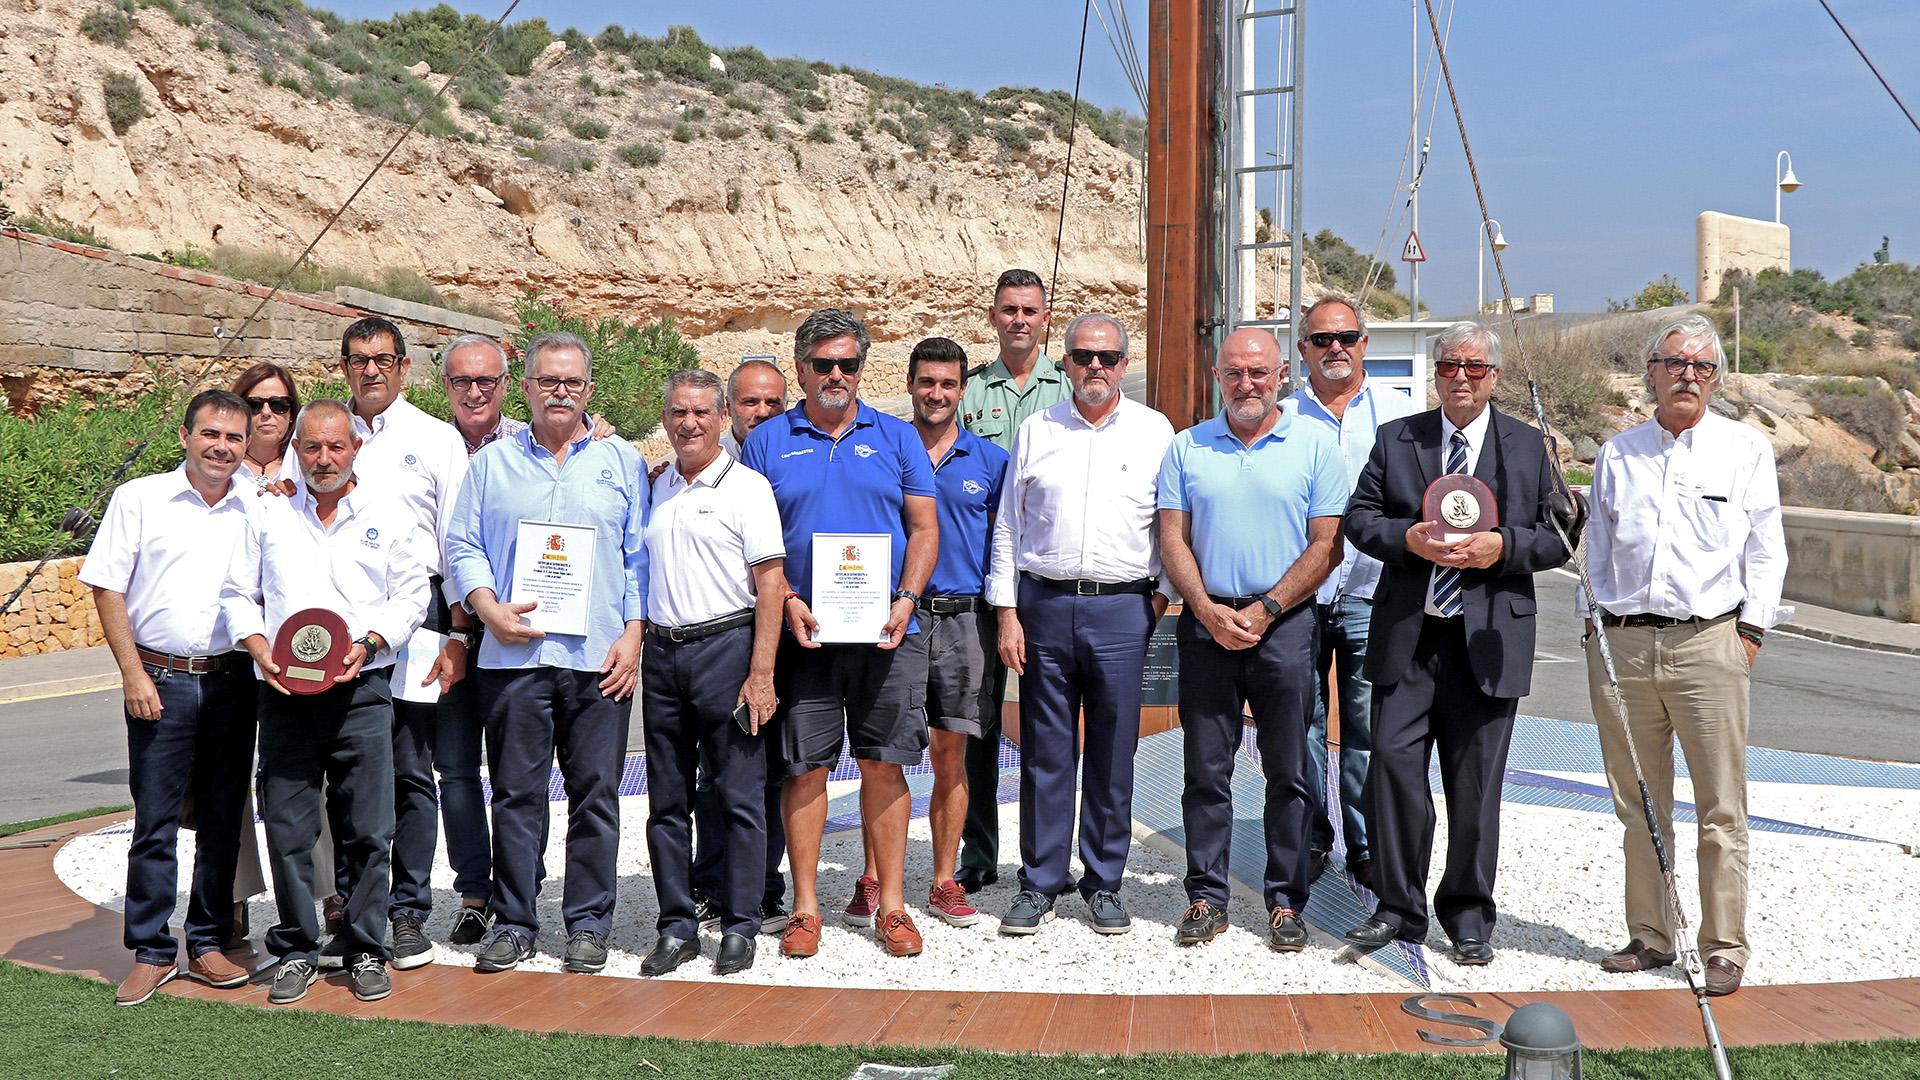 Reconocimiento Salvamento Marítimo - Club Náutico Campello